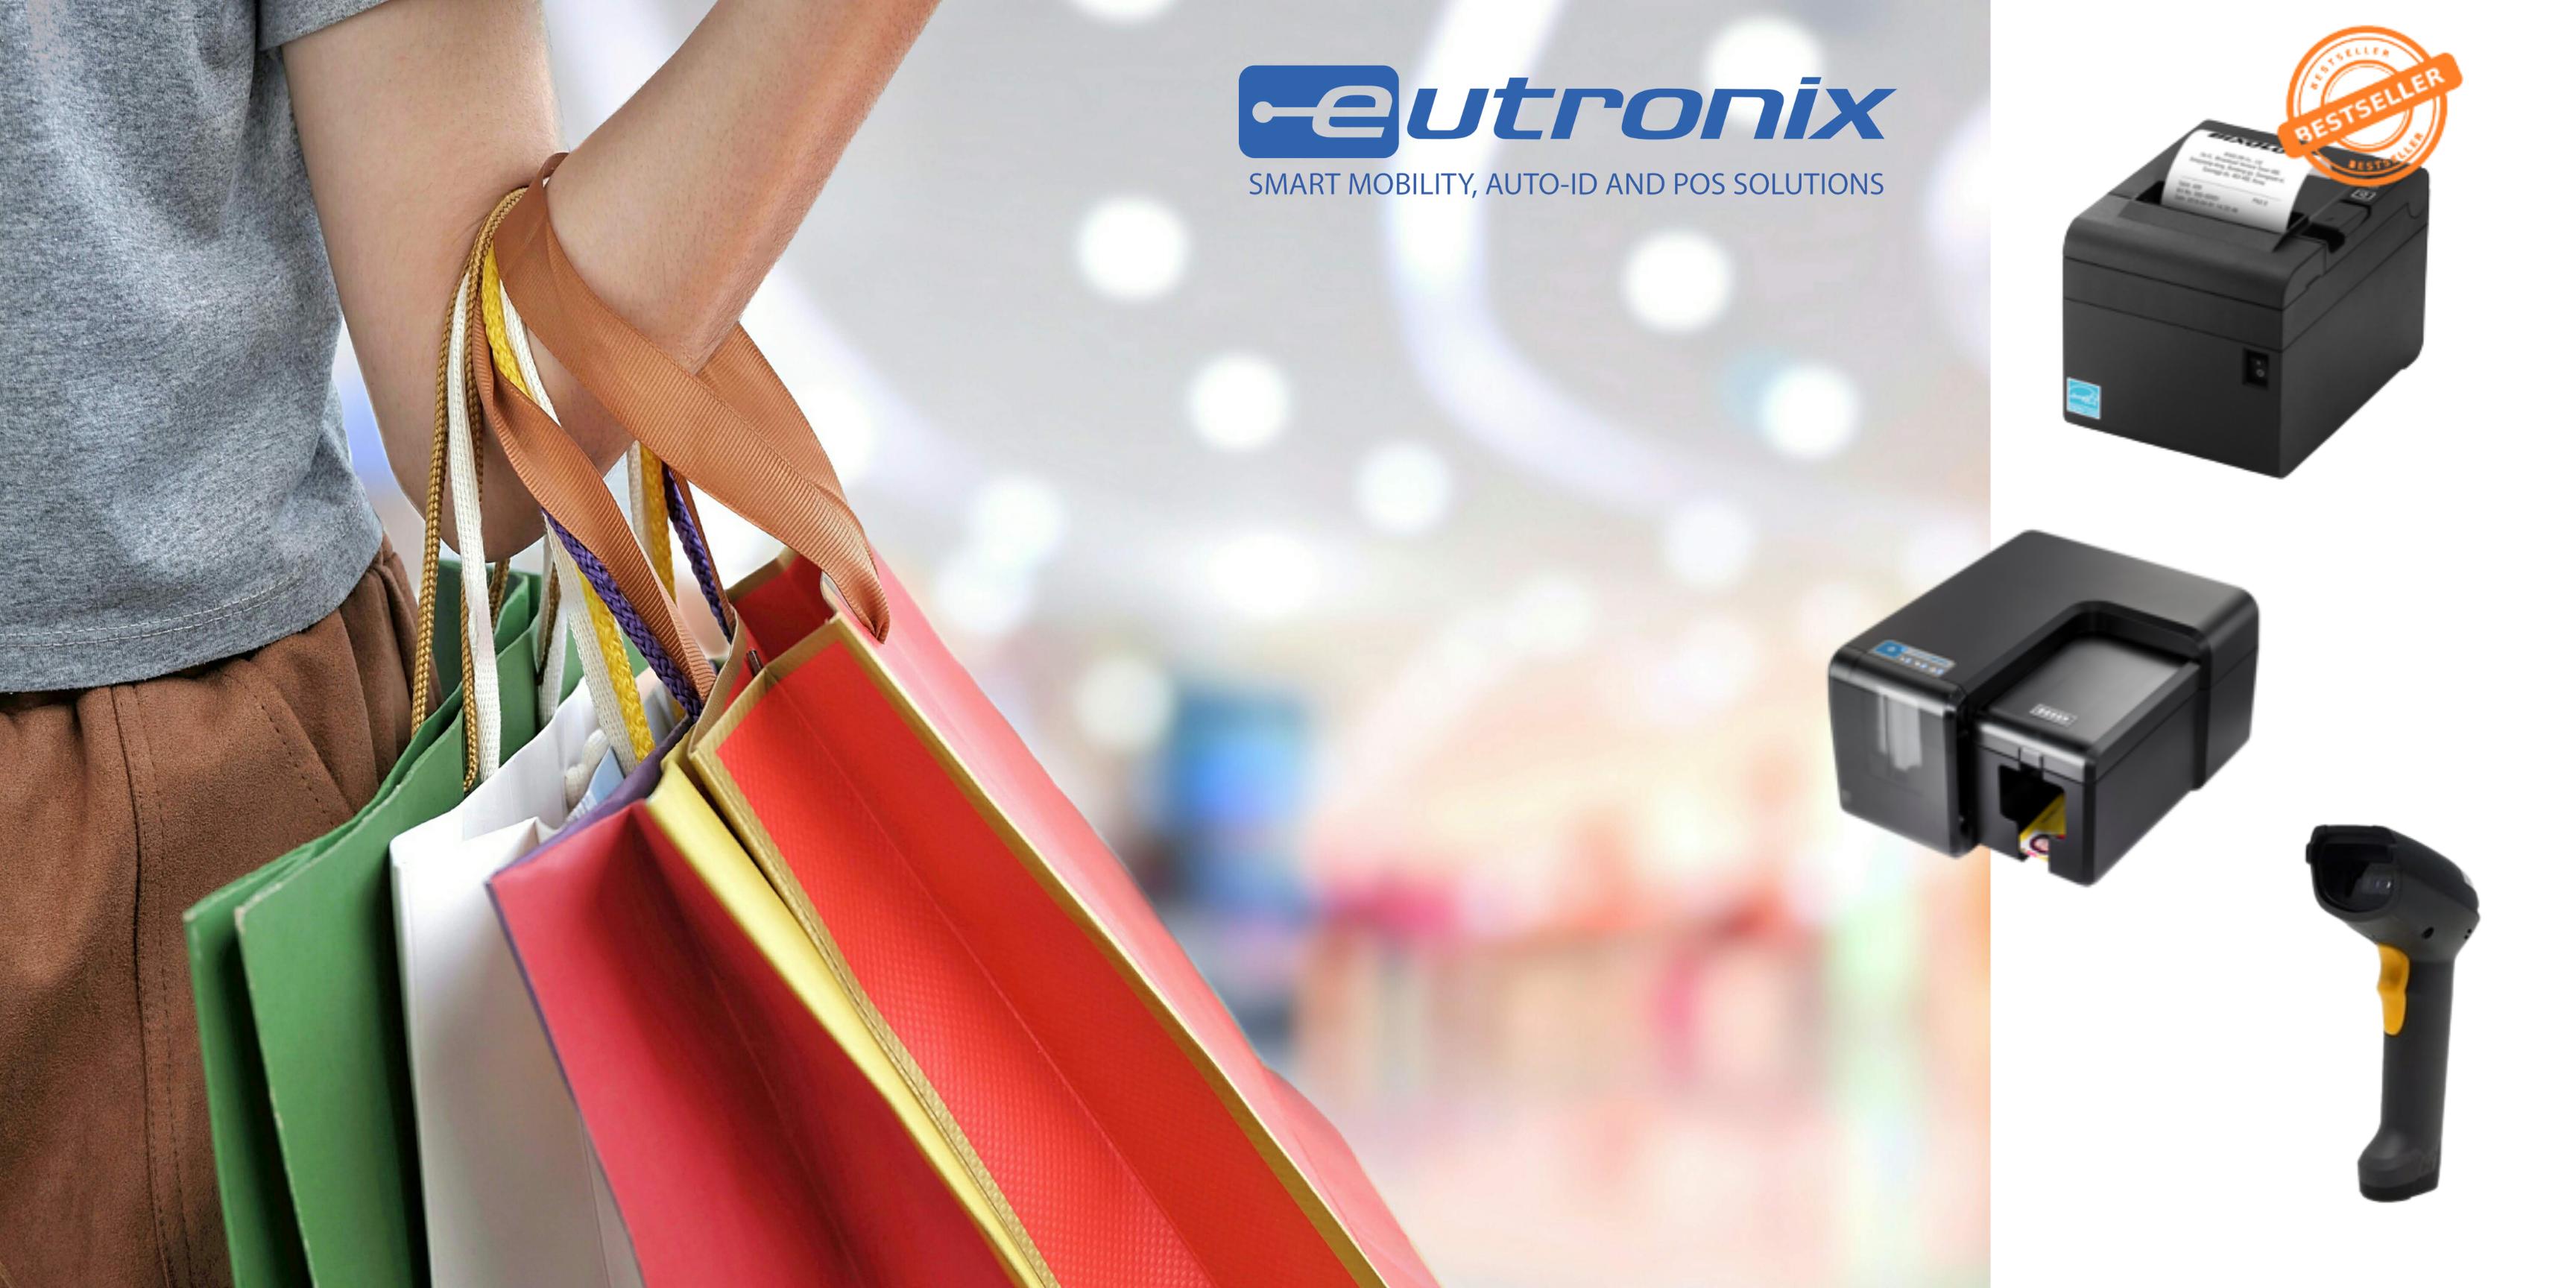 Eutronix - Androi